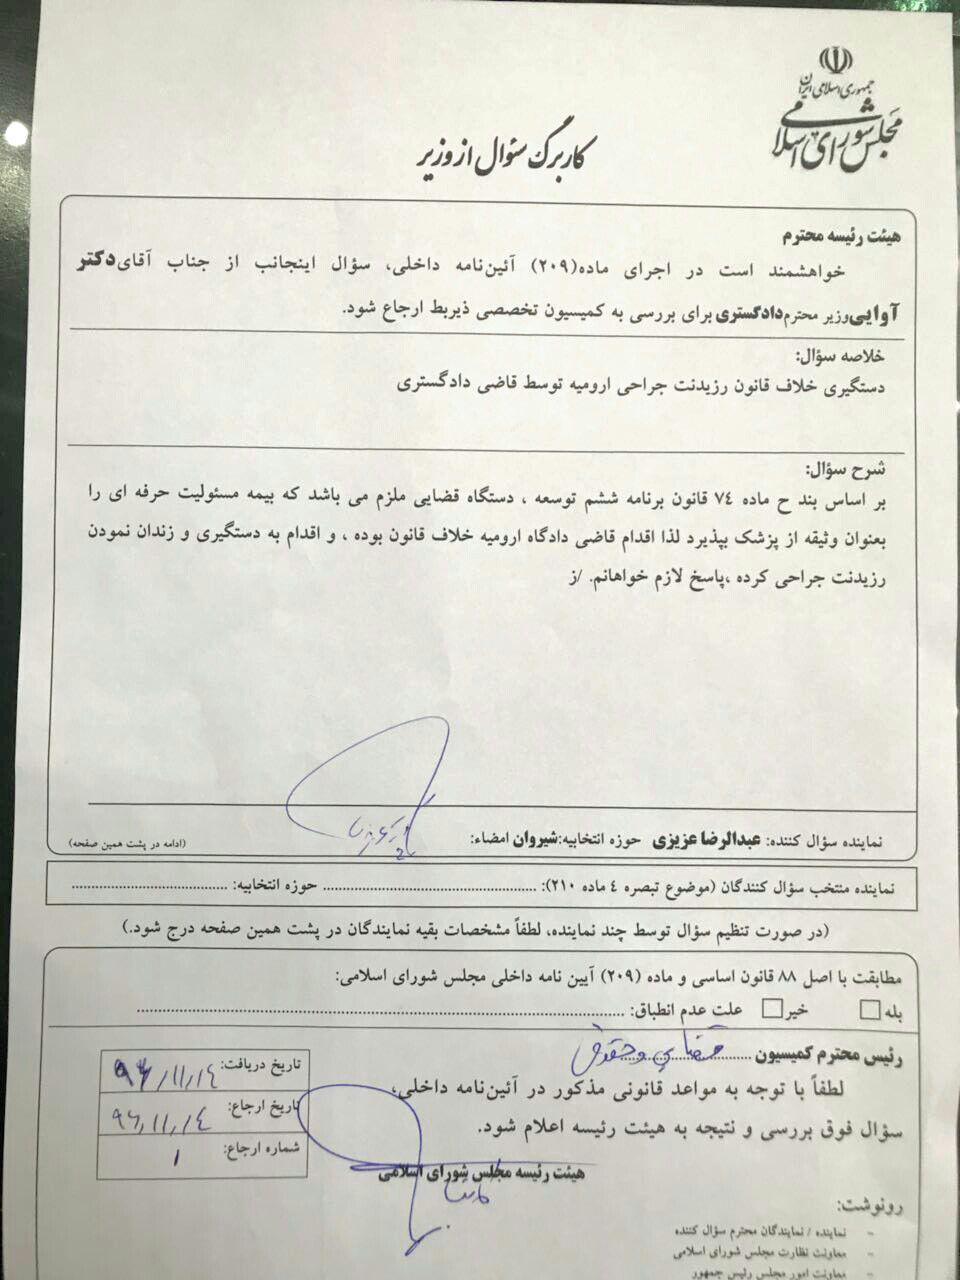 سوال دکتر عزیزی از وزیر دادگستری به دلیل عمل خلاف قانونِ دستگیری و زندانی کردن رزیدنت جراحی ارومیه توسط قاضی دادگستری